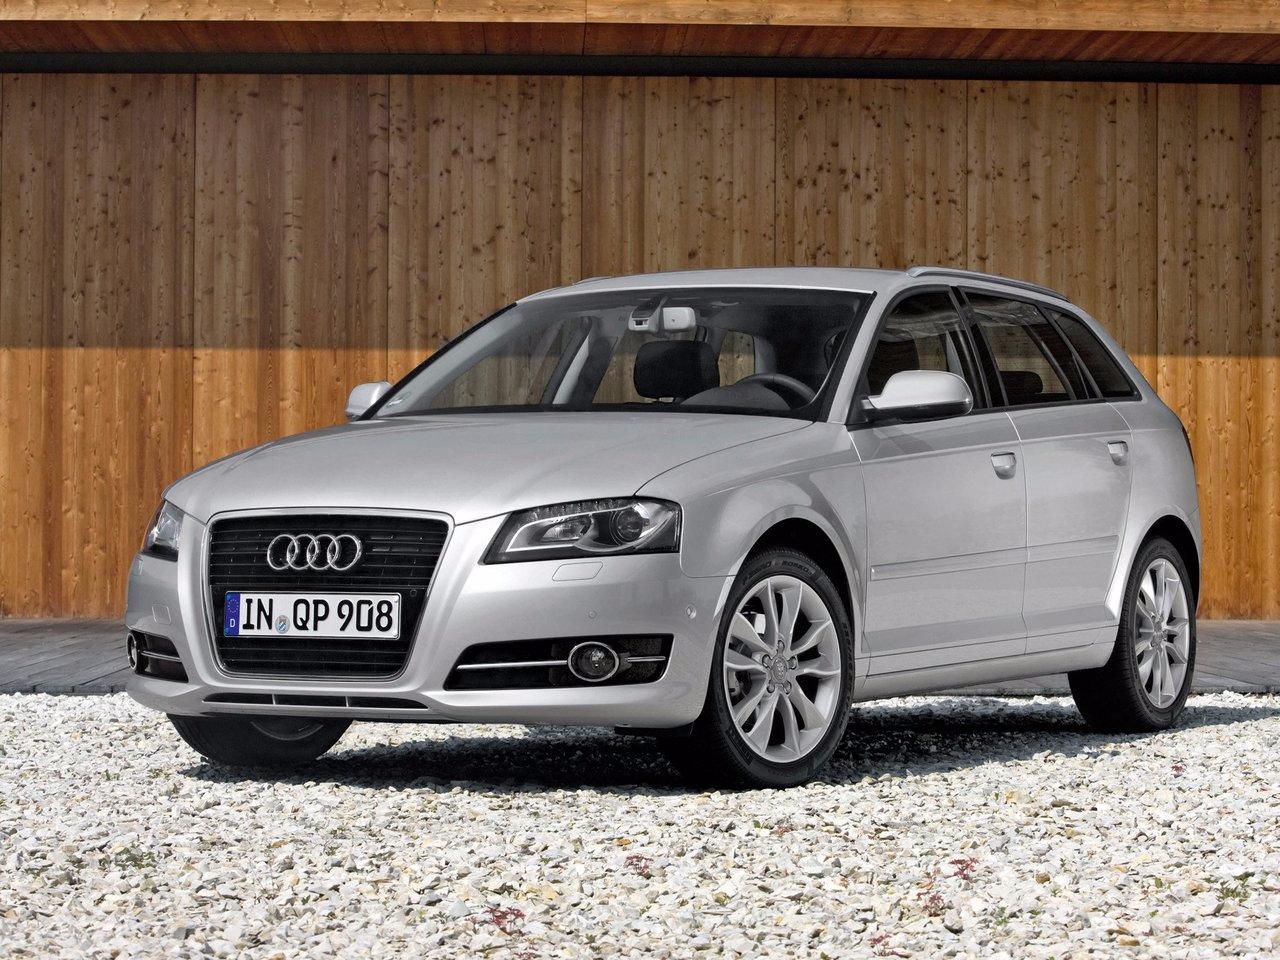 Снимки: Audi A3 (8P) Facelift 2008